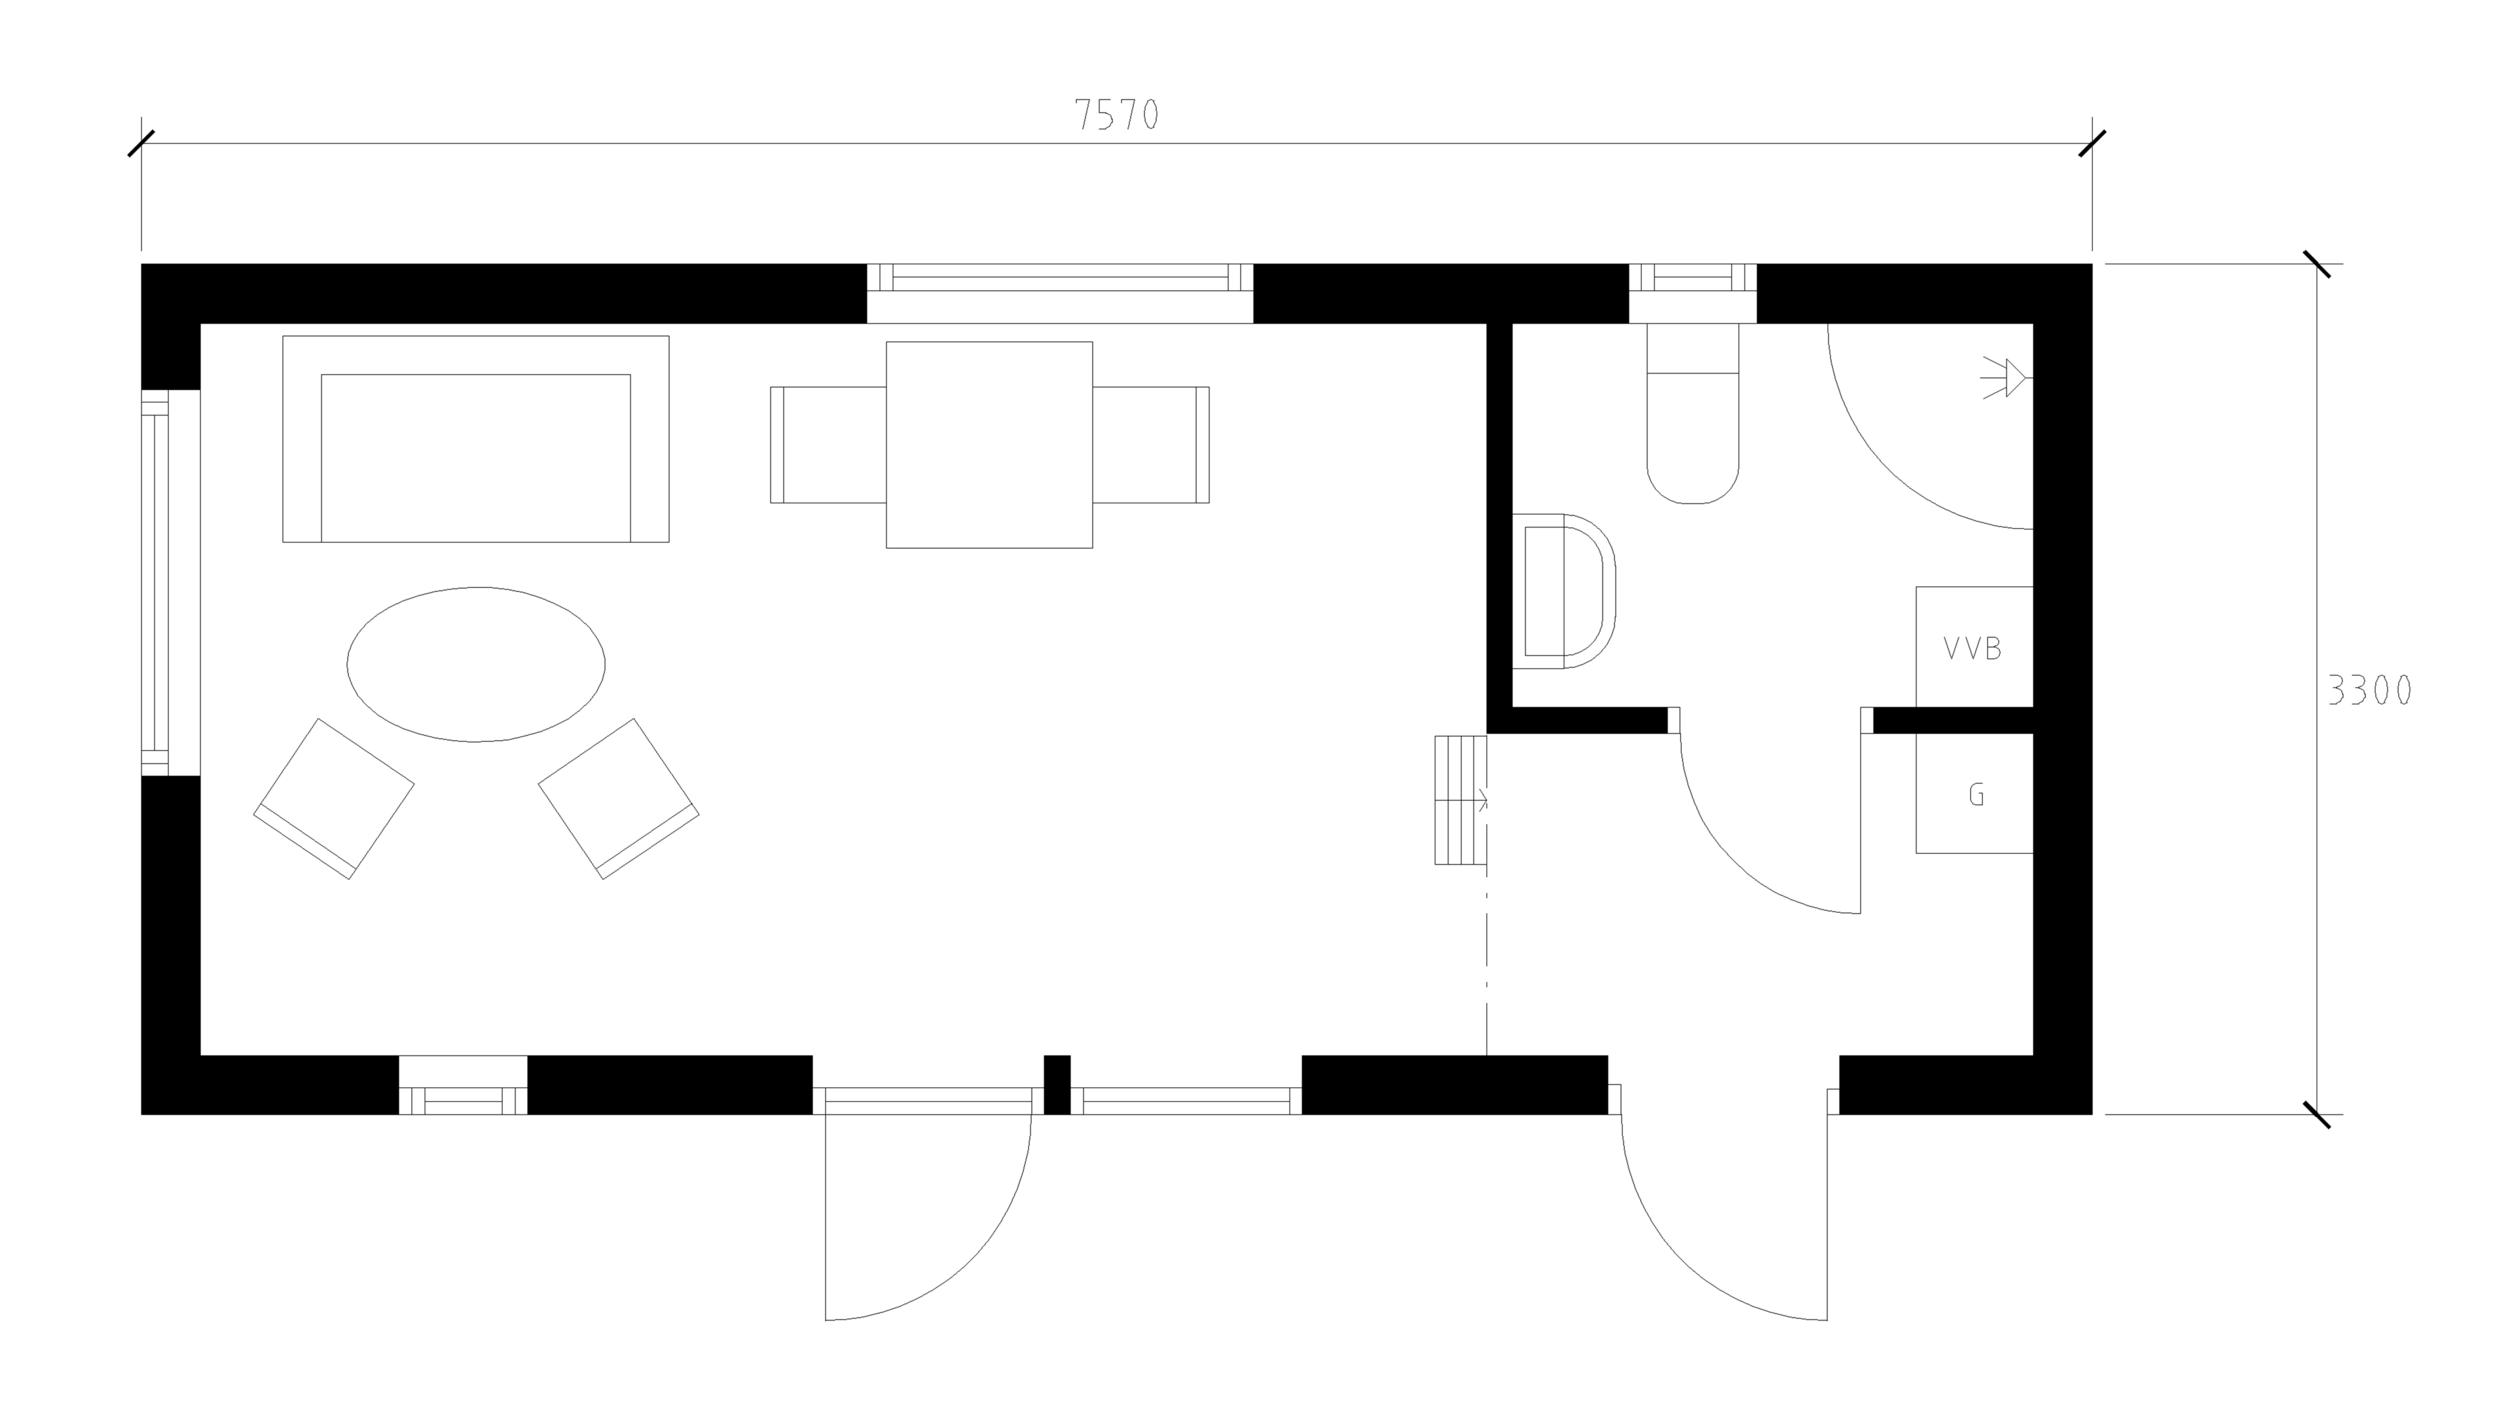 easy-house-attefallshus-torekov-25-loft-badrum-allrum.png